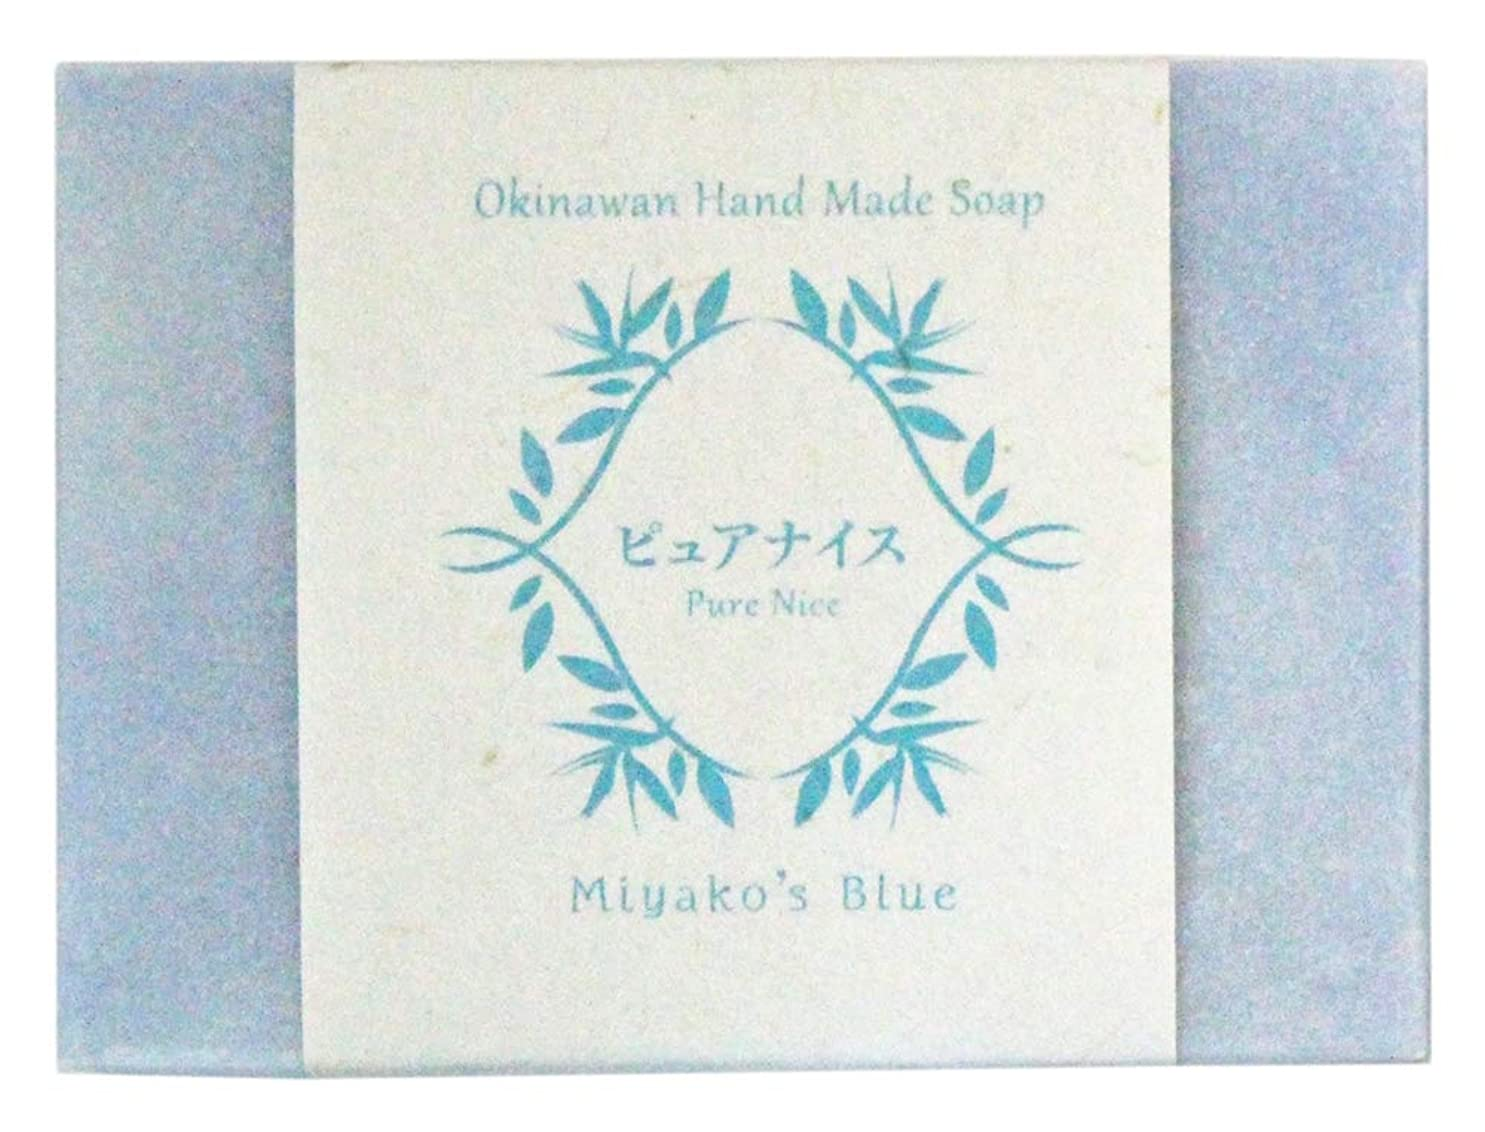 ホールドソーセージコードピュアナイス おきなわ素材石けん Miyako's Blue 100g 3個セット